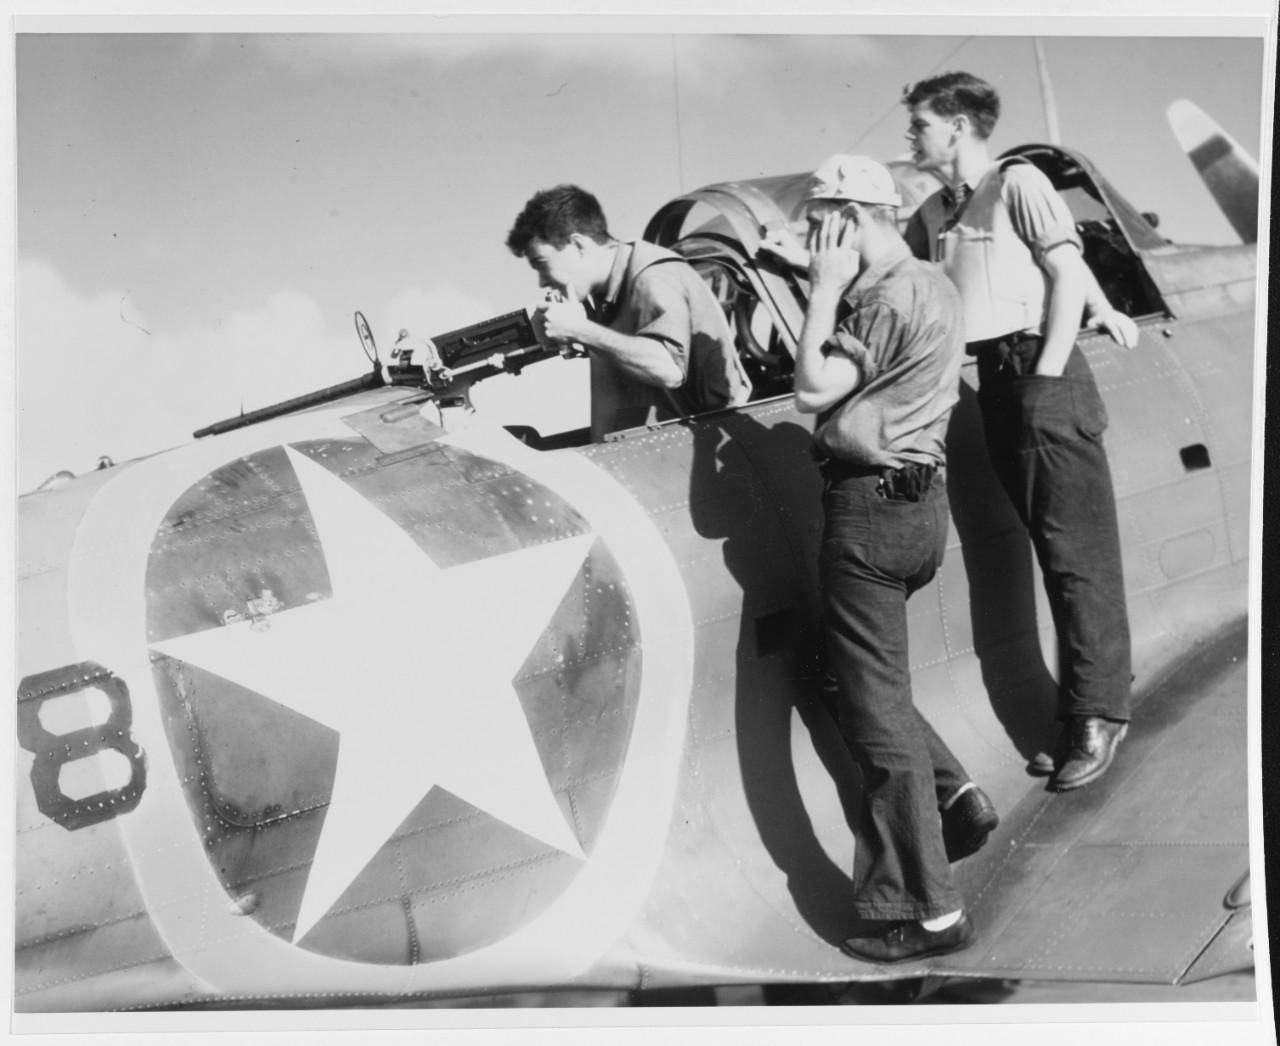 """Photo #: 80-G-K-15976 Douglas SBD-3 """"Dauntless"""" scout bomber"""